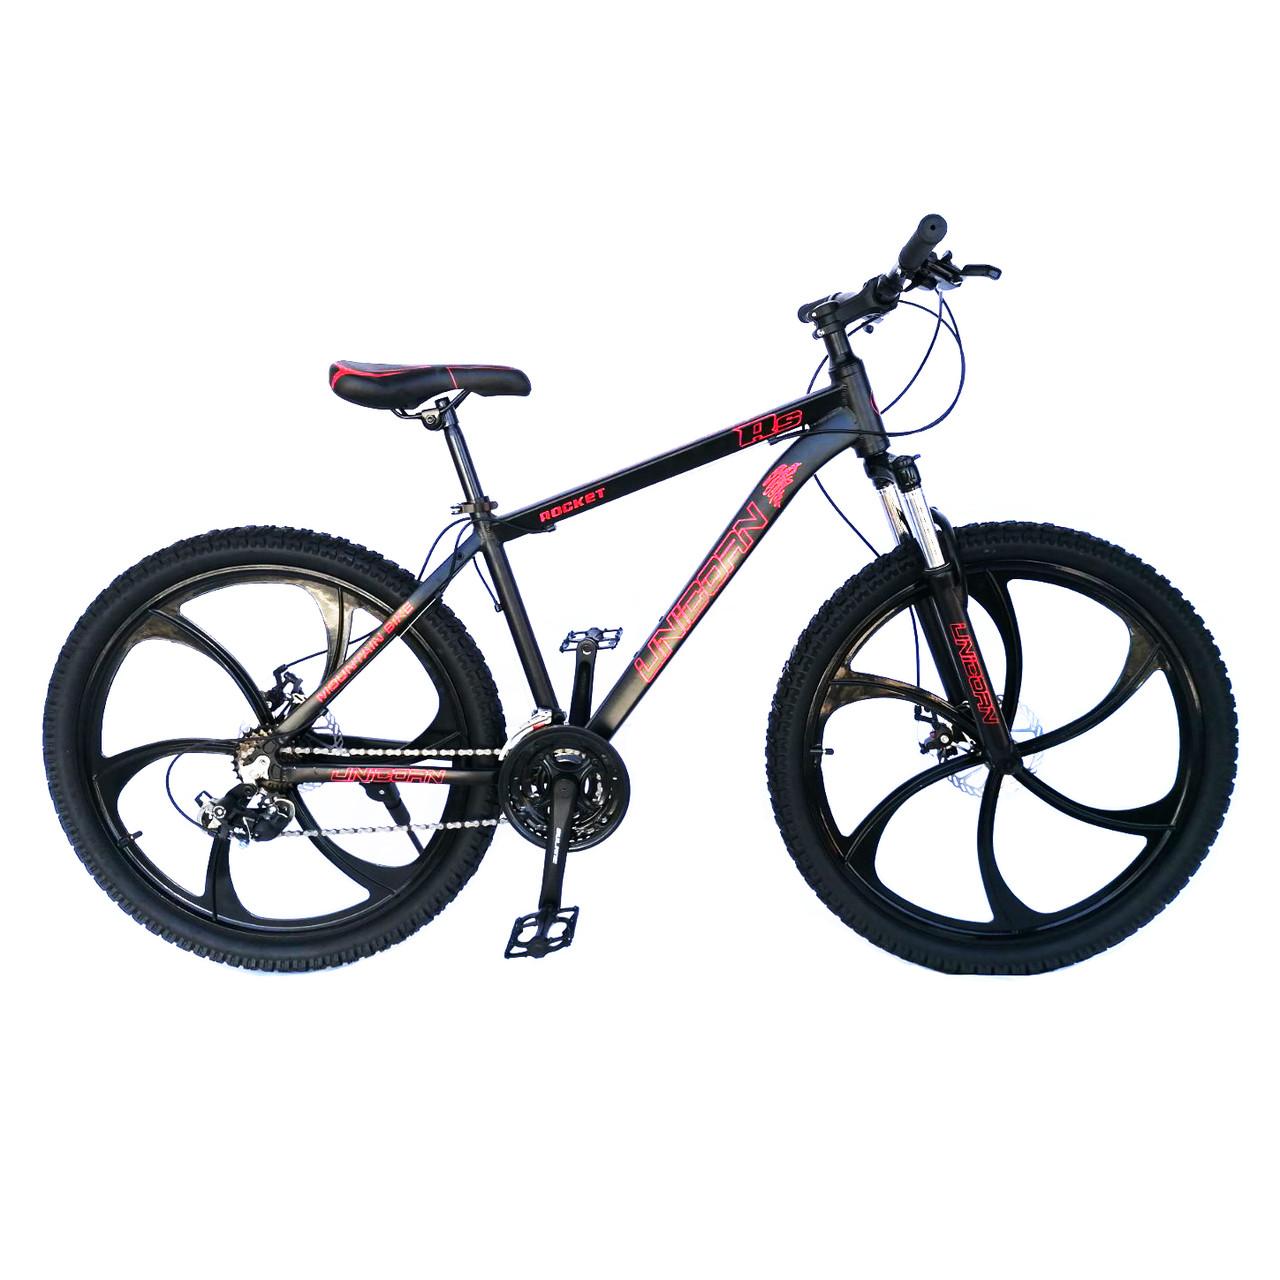 Горный велосипед «Рокет RS» (2020). Литые колеса на 26 дюймов. Алюминиевая рама 17 дюймов